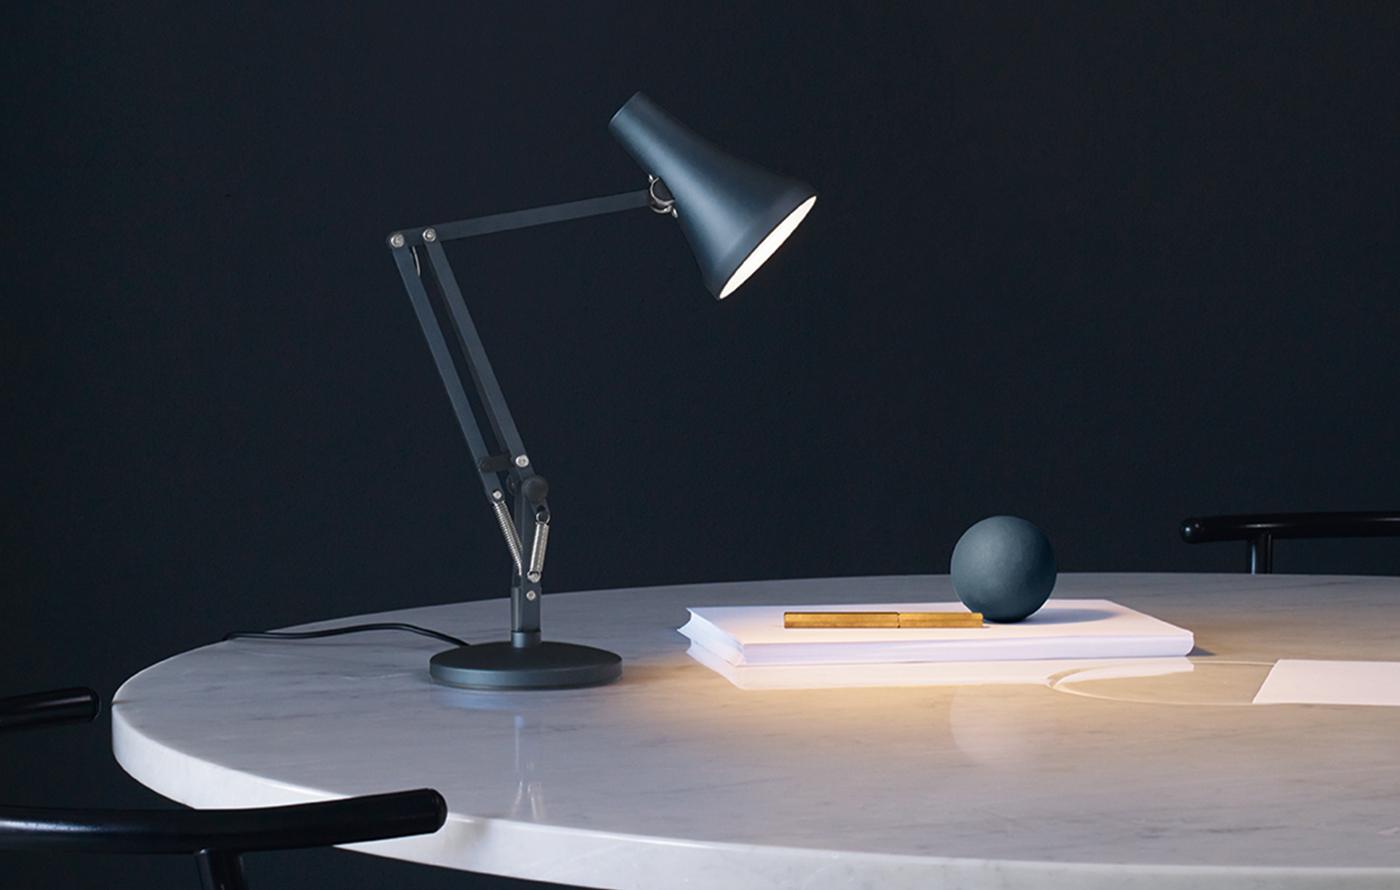 Lamps Modern Desk Light Best Student Desk Lamp Lamp Desk regarding size 1400 X 890